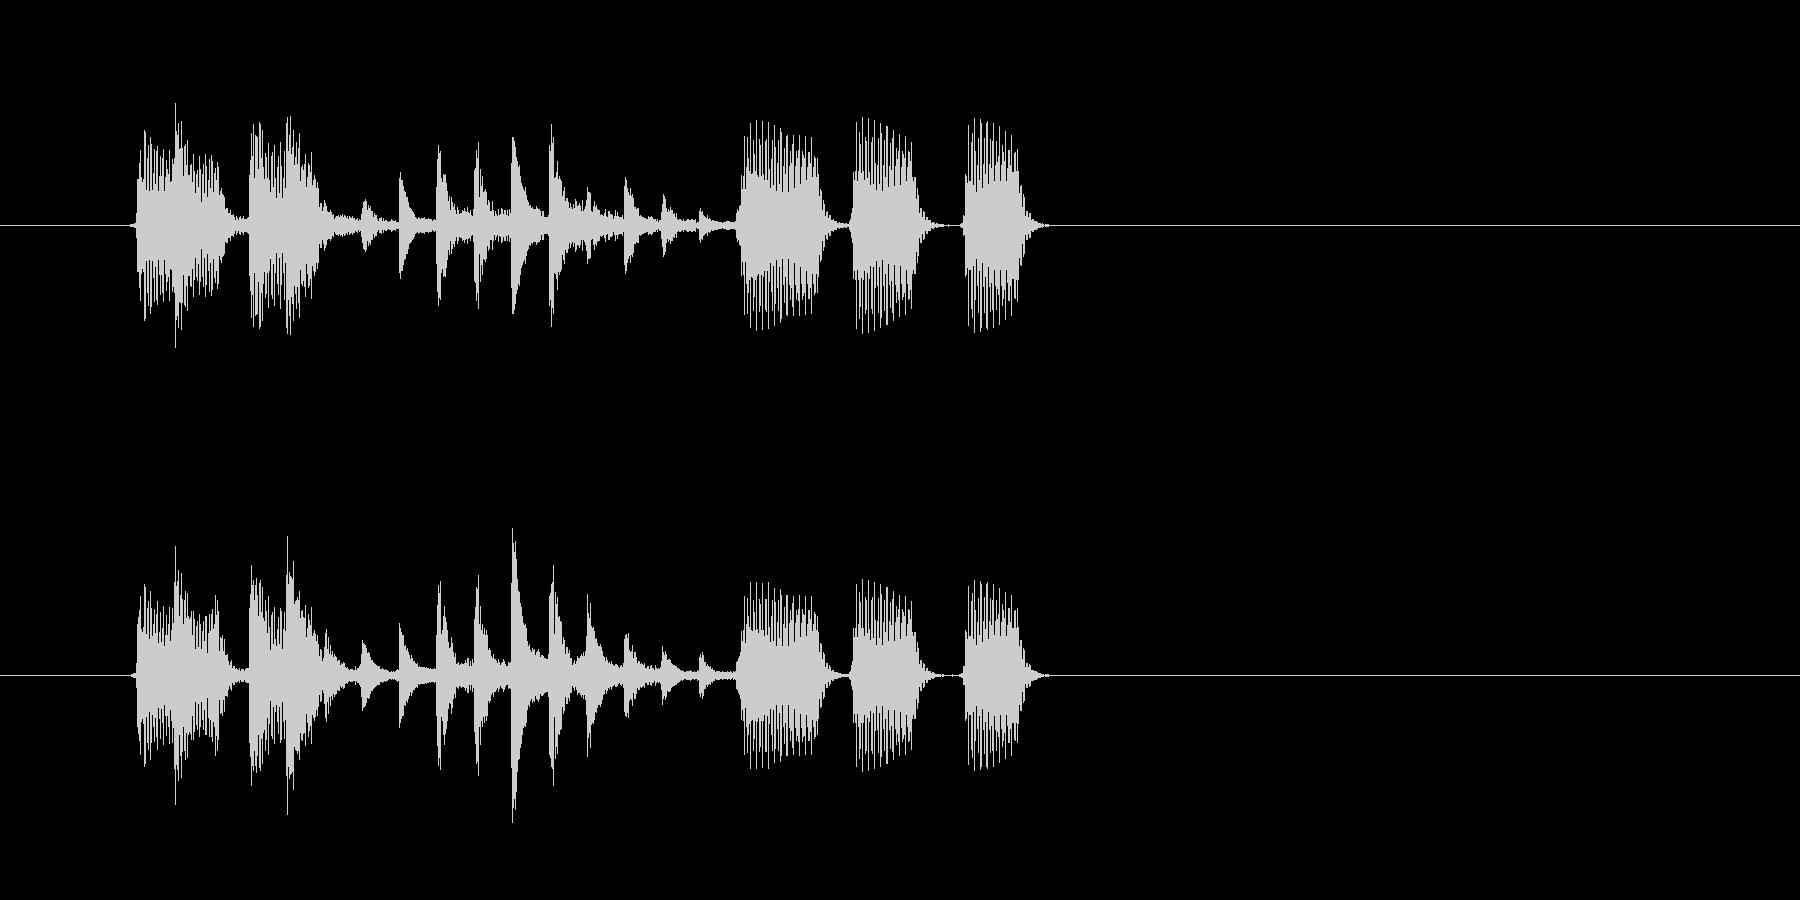 重低音が心地良いテクノポップスの未再生の波形